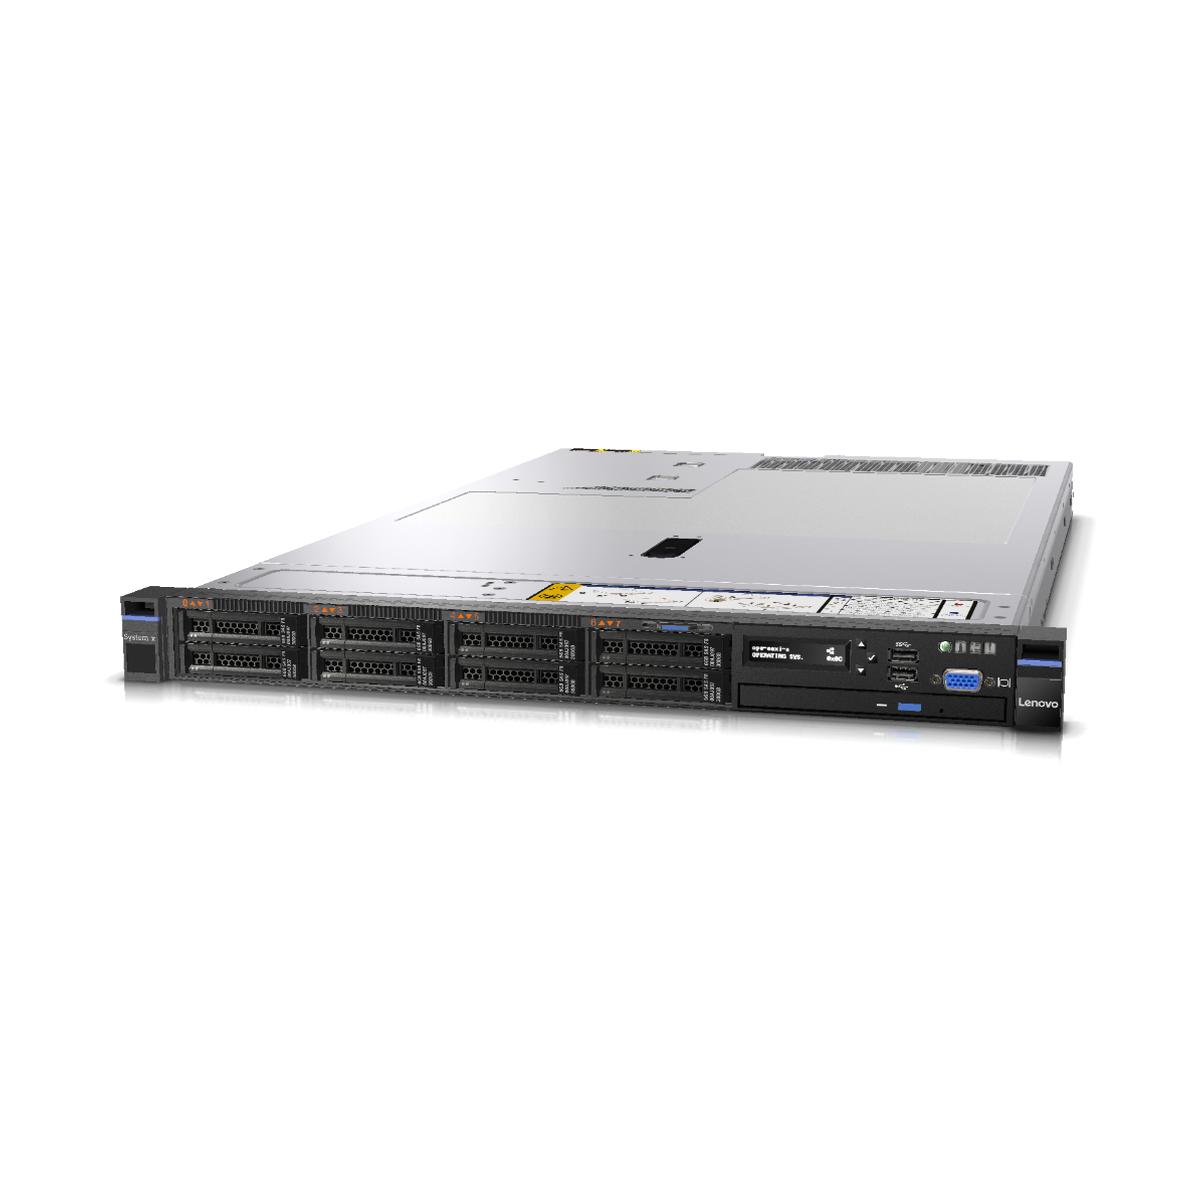 LENOVO x3550 m5 RACK E5v3 32GB 2x900GB M5210 SZYNY